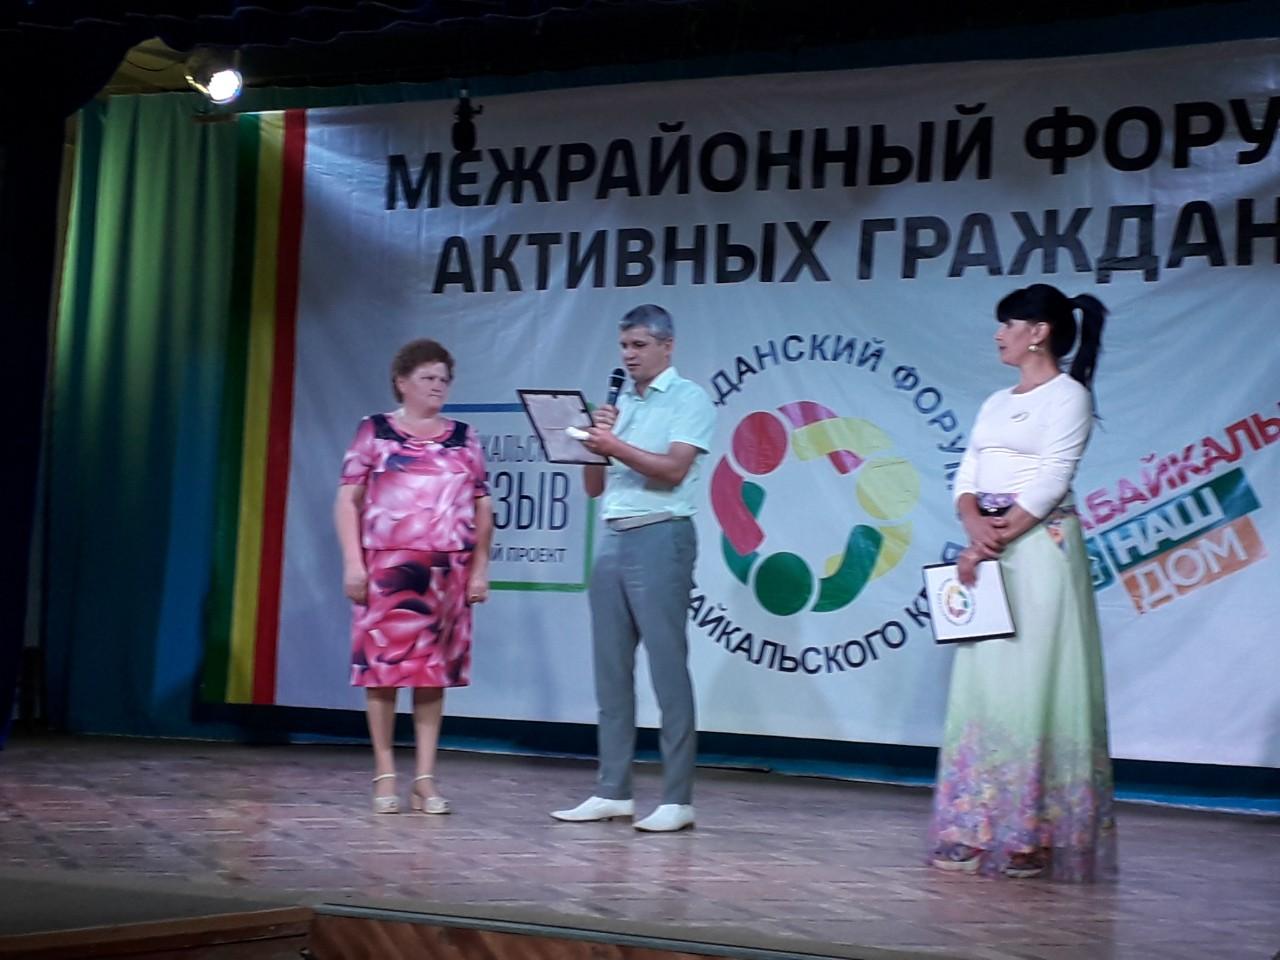 Гражданский форум - путь к возрождению Забайкалья?